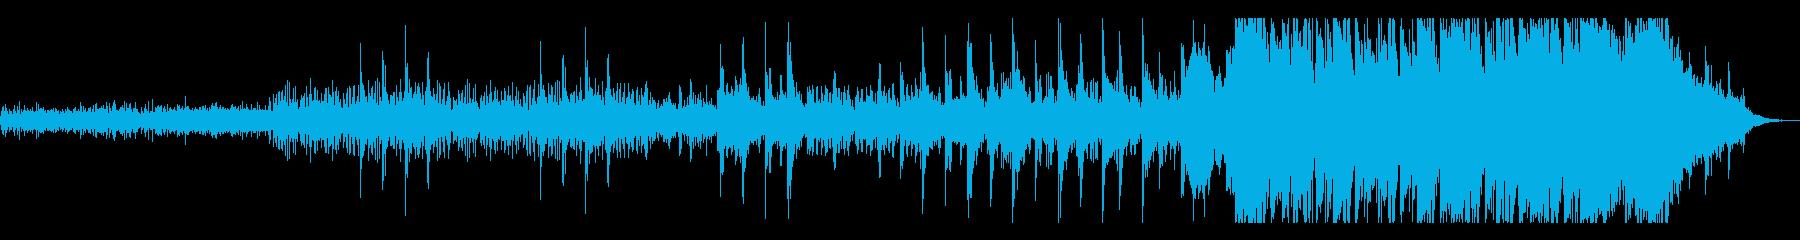 アートミュージック BGMに ピアノ他の再生済みの波形